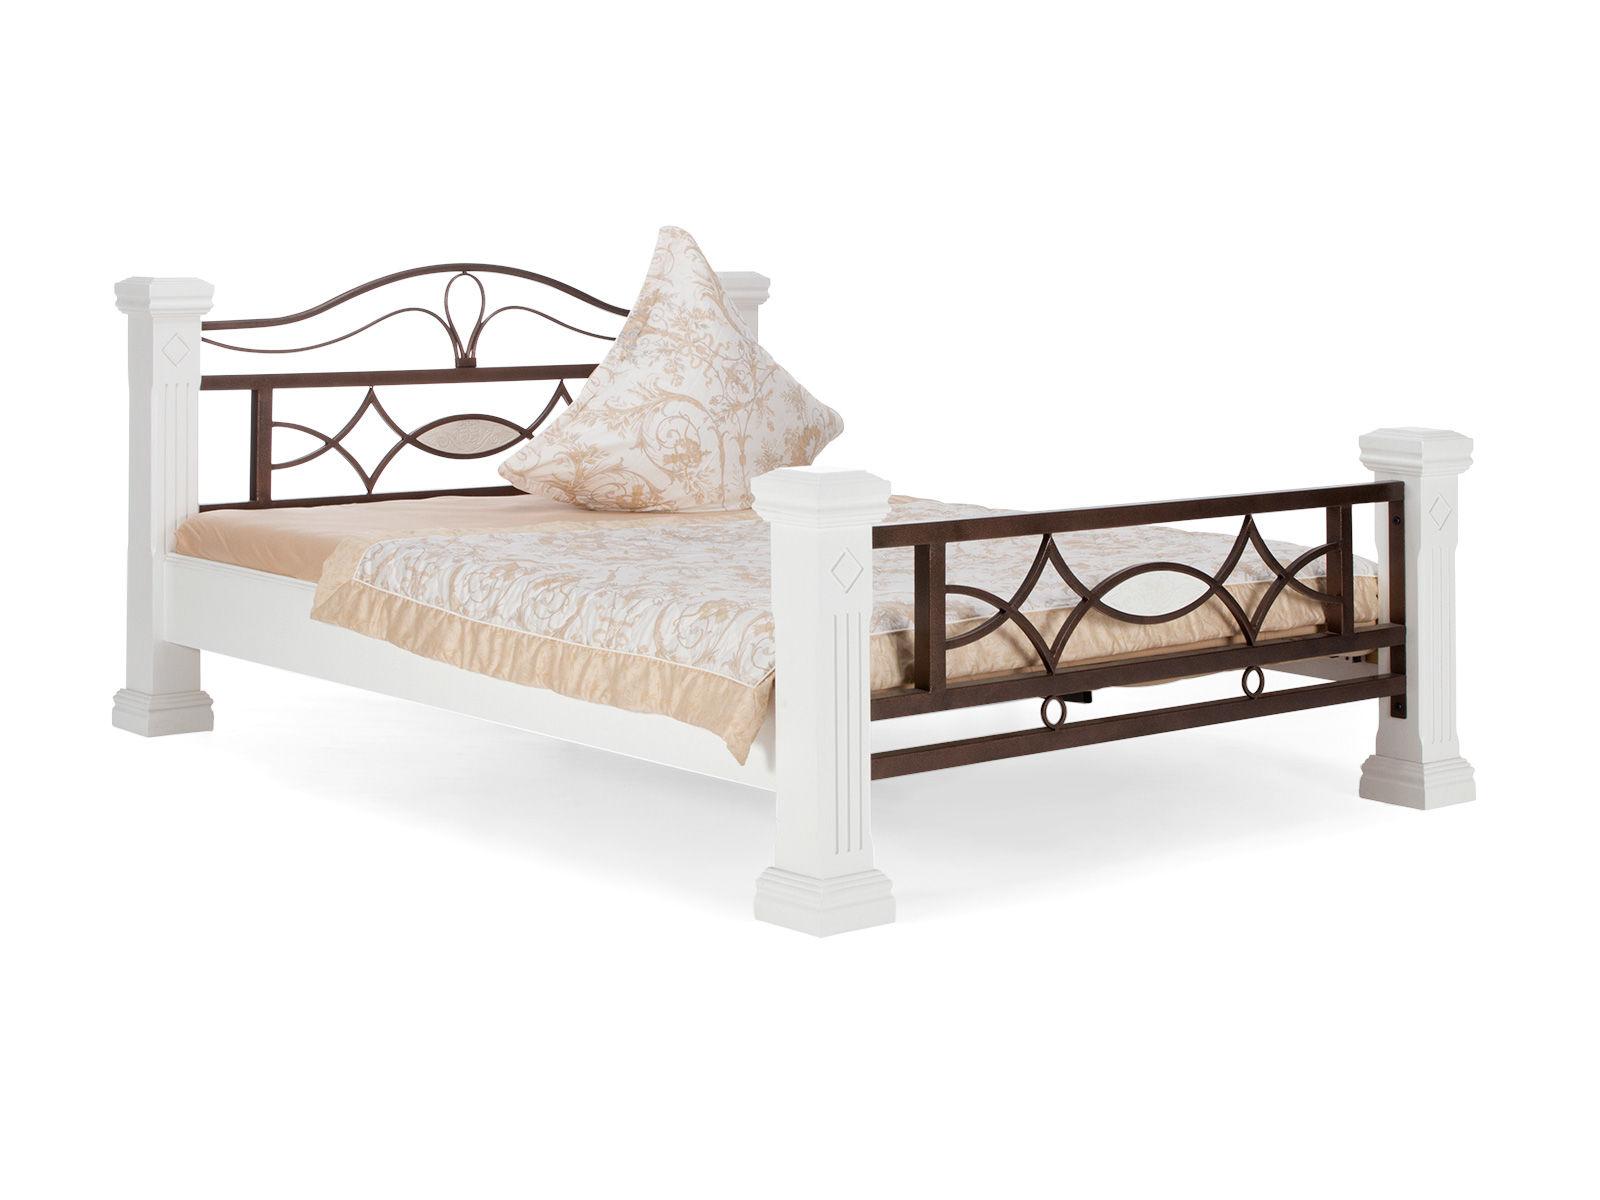 Full Size of Bett 200x200 Weiß Stauraum 160x200 Kleiner Esstisch Runder Ausziehbar Mit Matratze Und Lattenrost 140x200 Breite Einzelbett Bettkasten Rauch Betten Bett Bett 200x200 Weiß